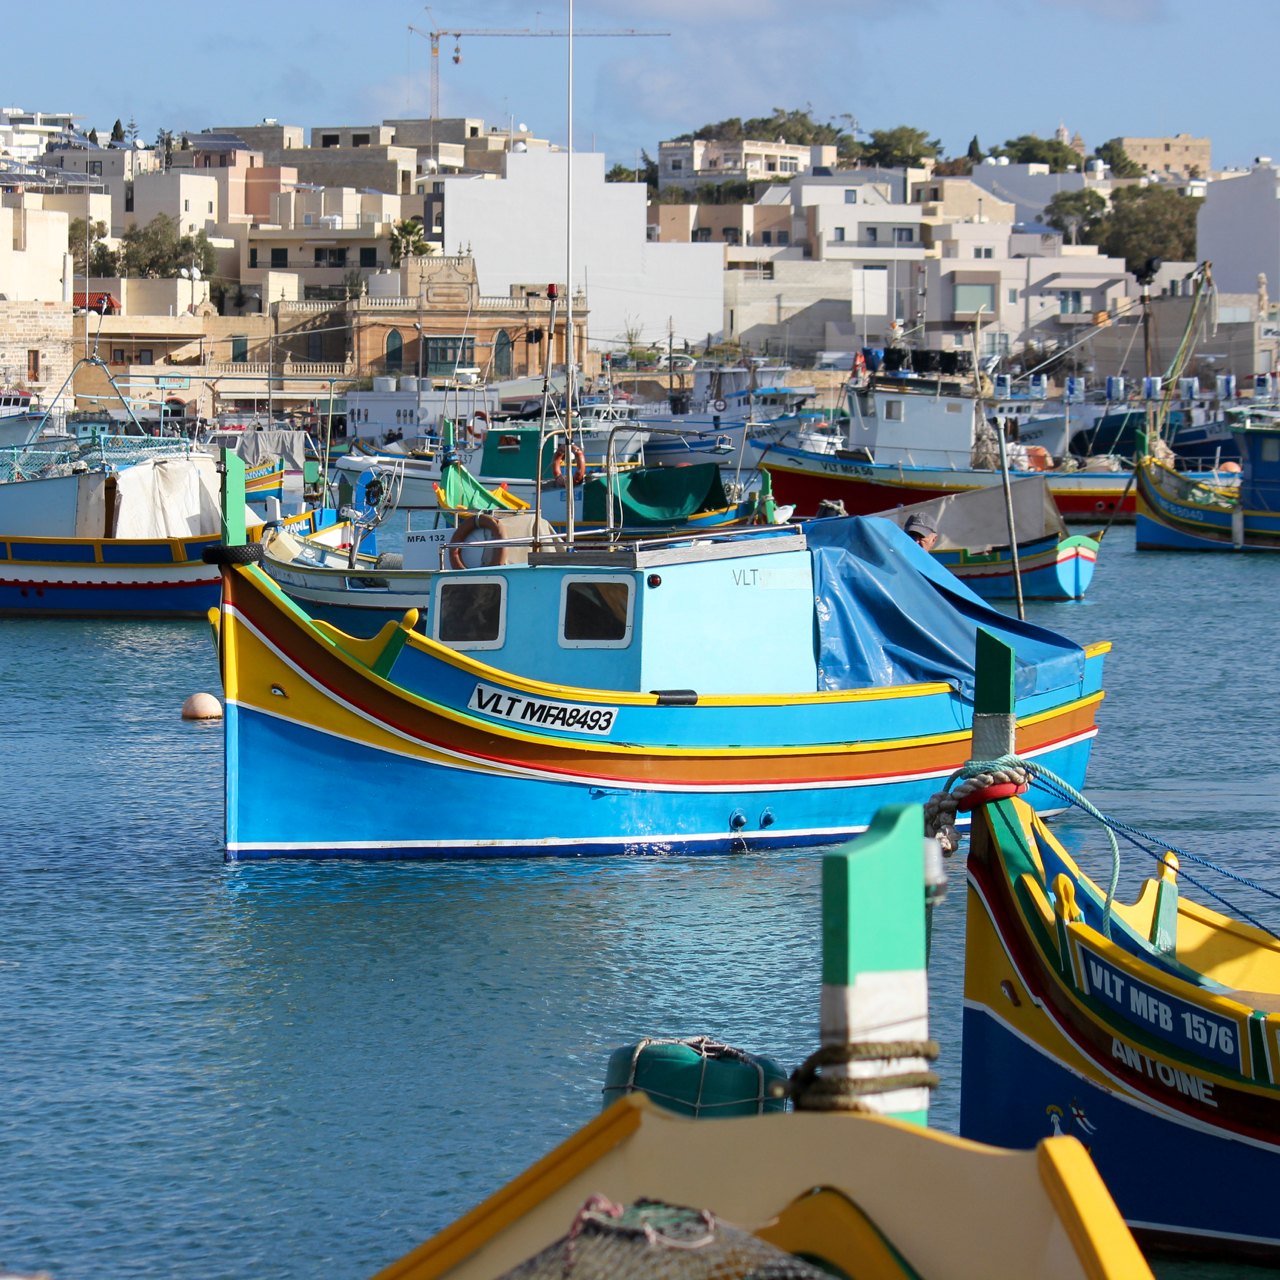 Marsaxlokk, Malta - 10